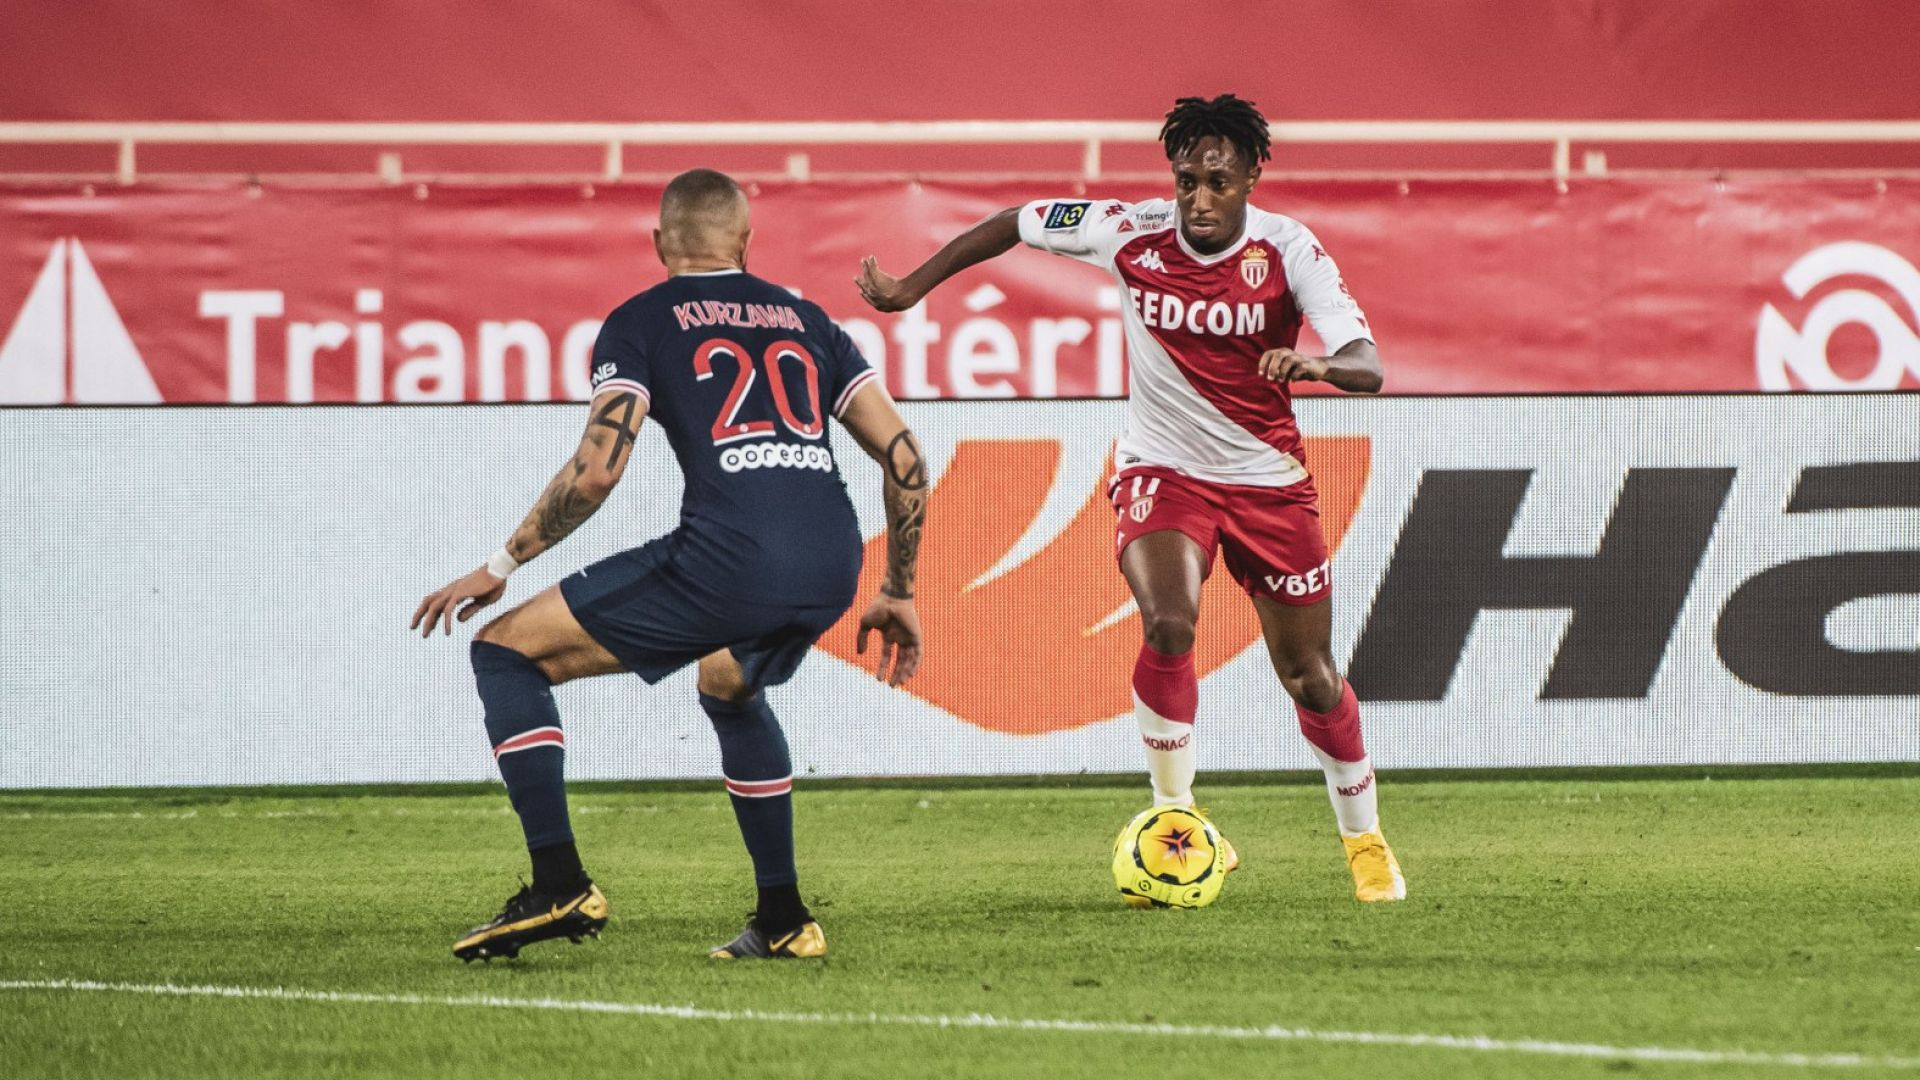 Шампионът ПСЖ капитулира в Монако след аванс от 2:0